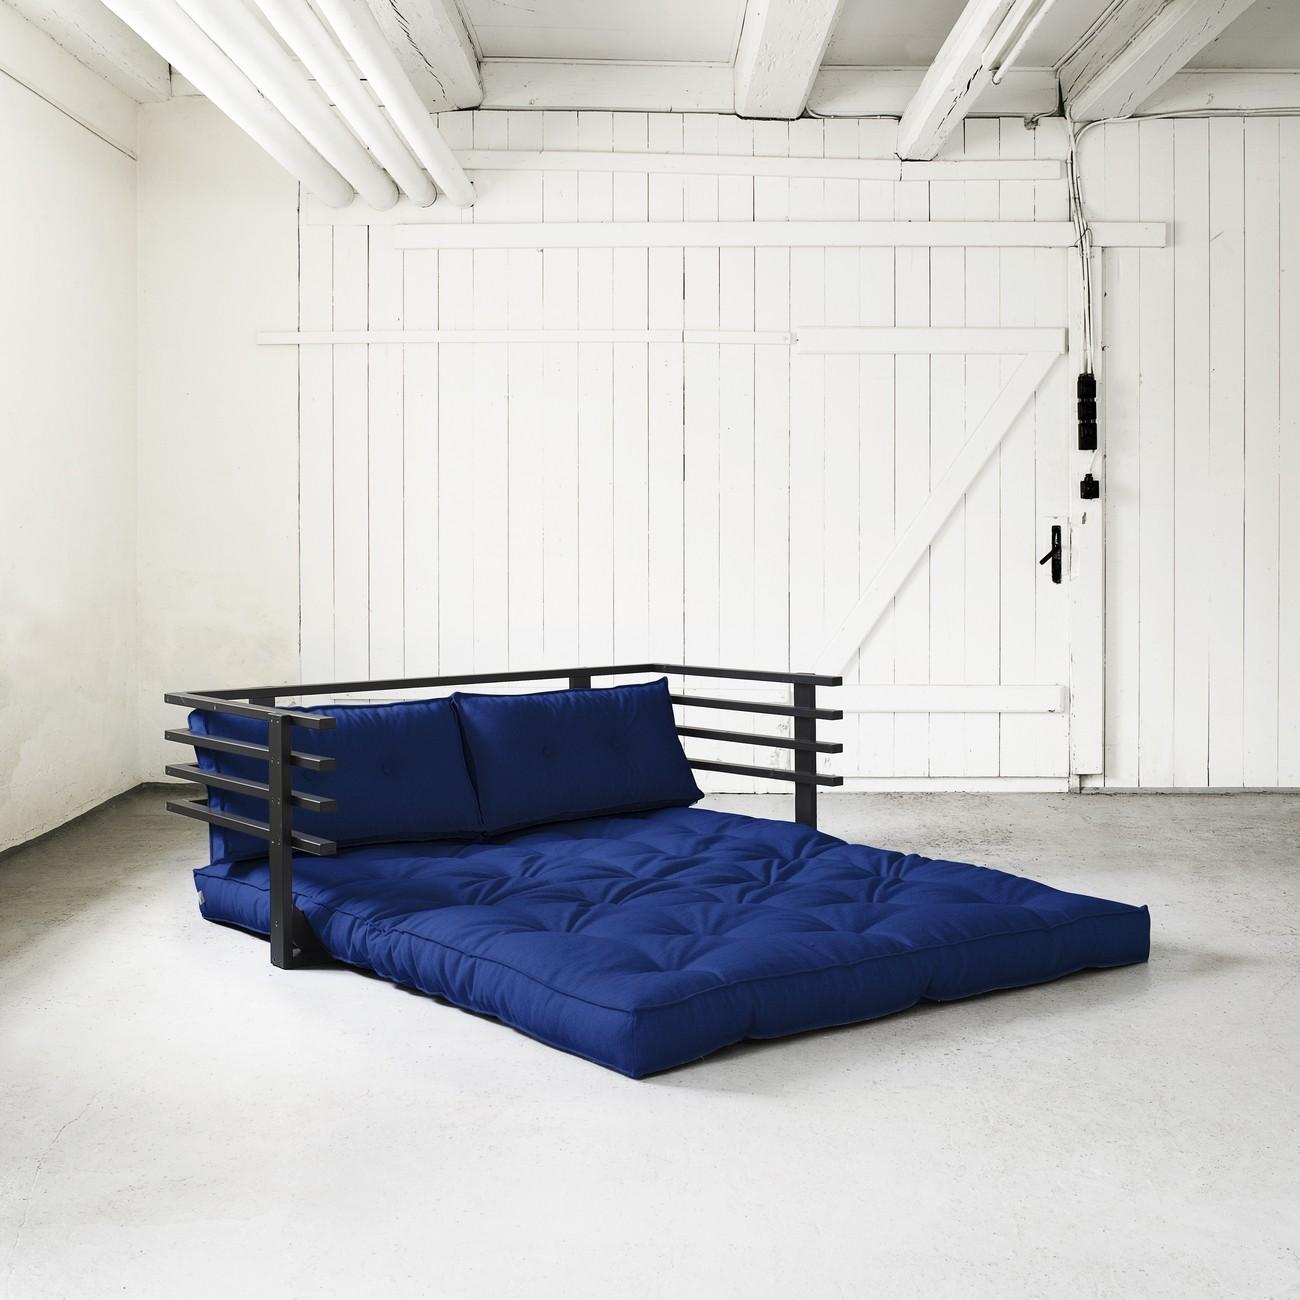 Кровать футон позволяет легко трансформировать спальное место в диван